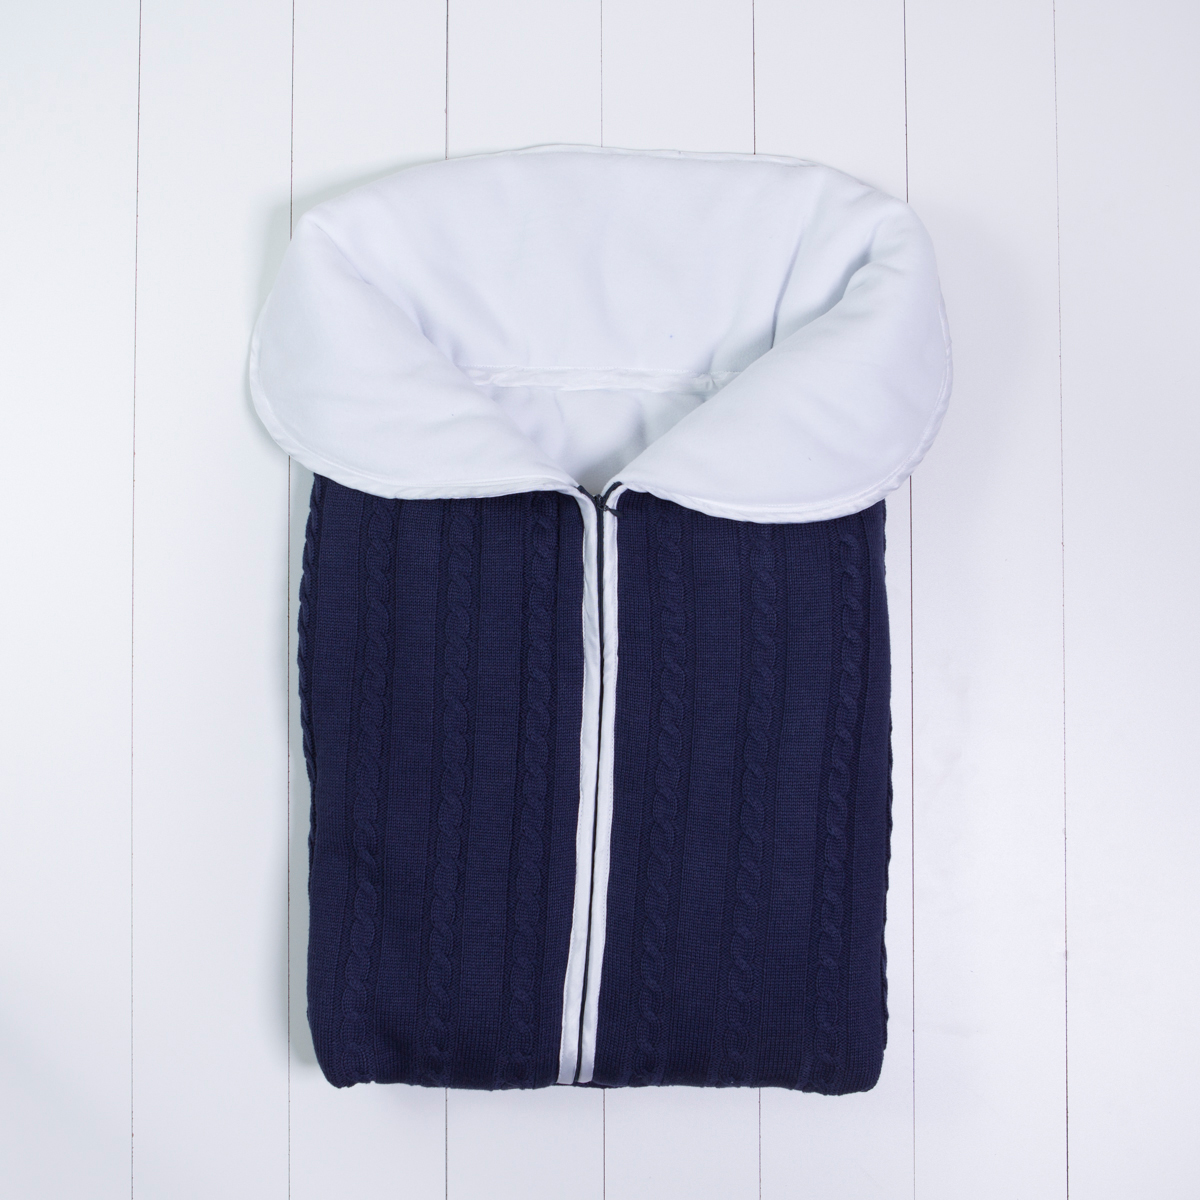 d37d70e501c0 Saco dormir fio bebe personalizado menino azul comprar (e)